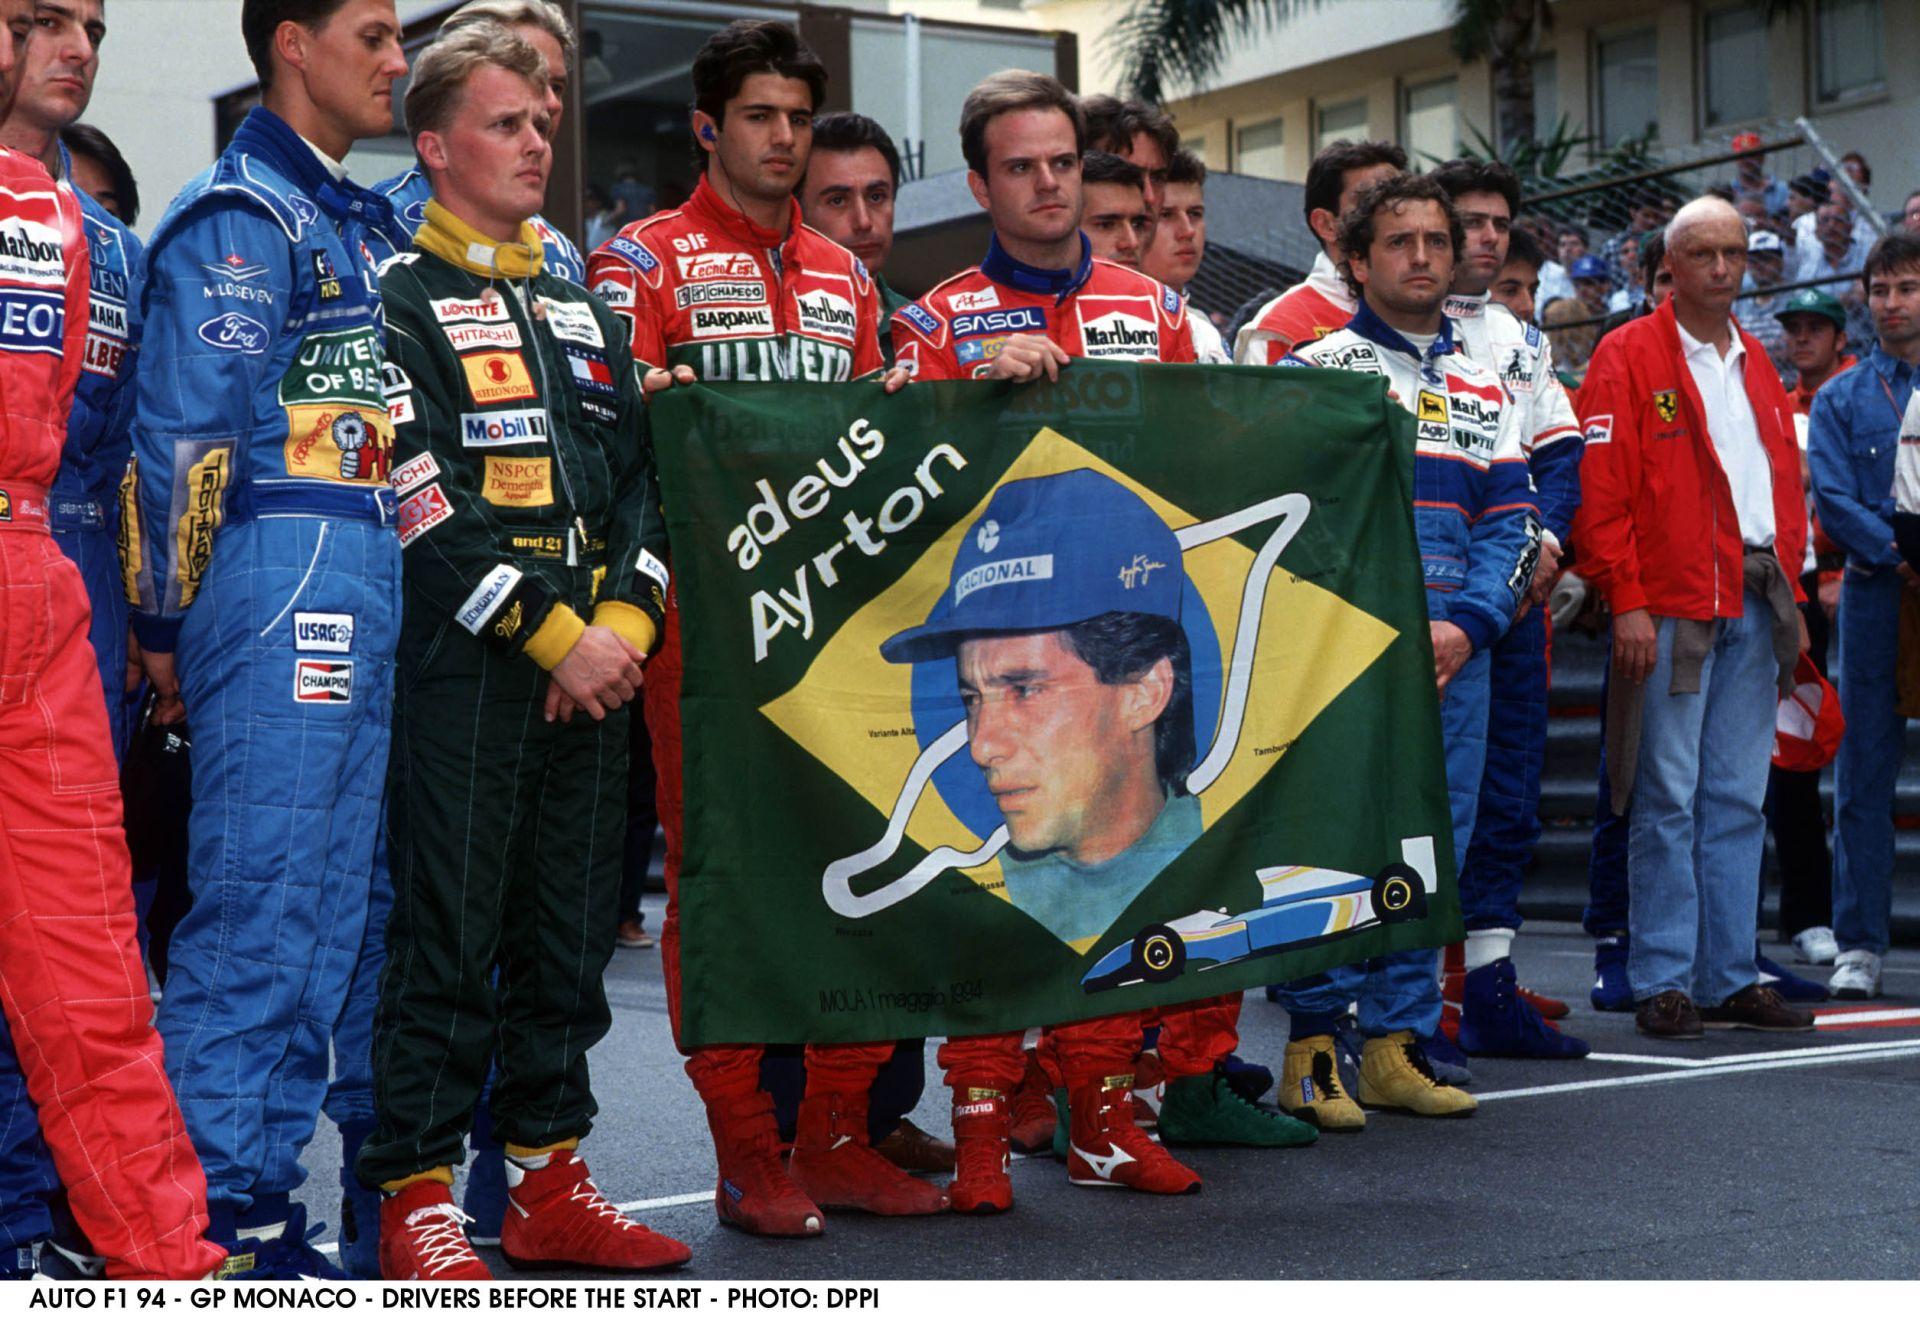 Schumacher és Senna brutális F1-es statisztikája: a legnagyobbak